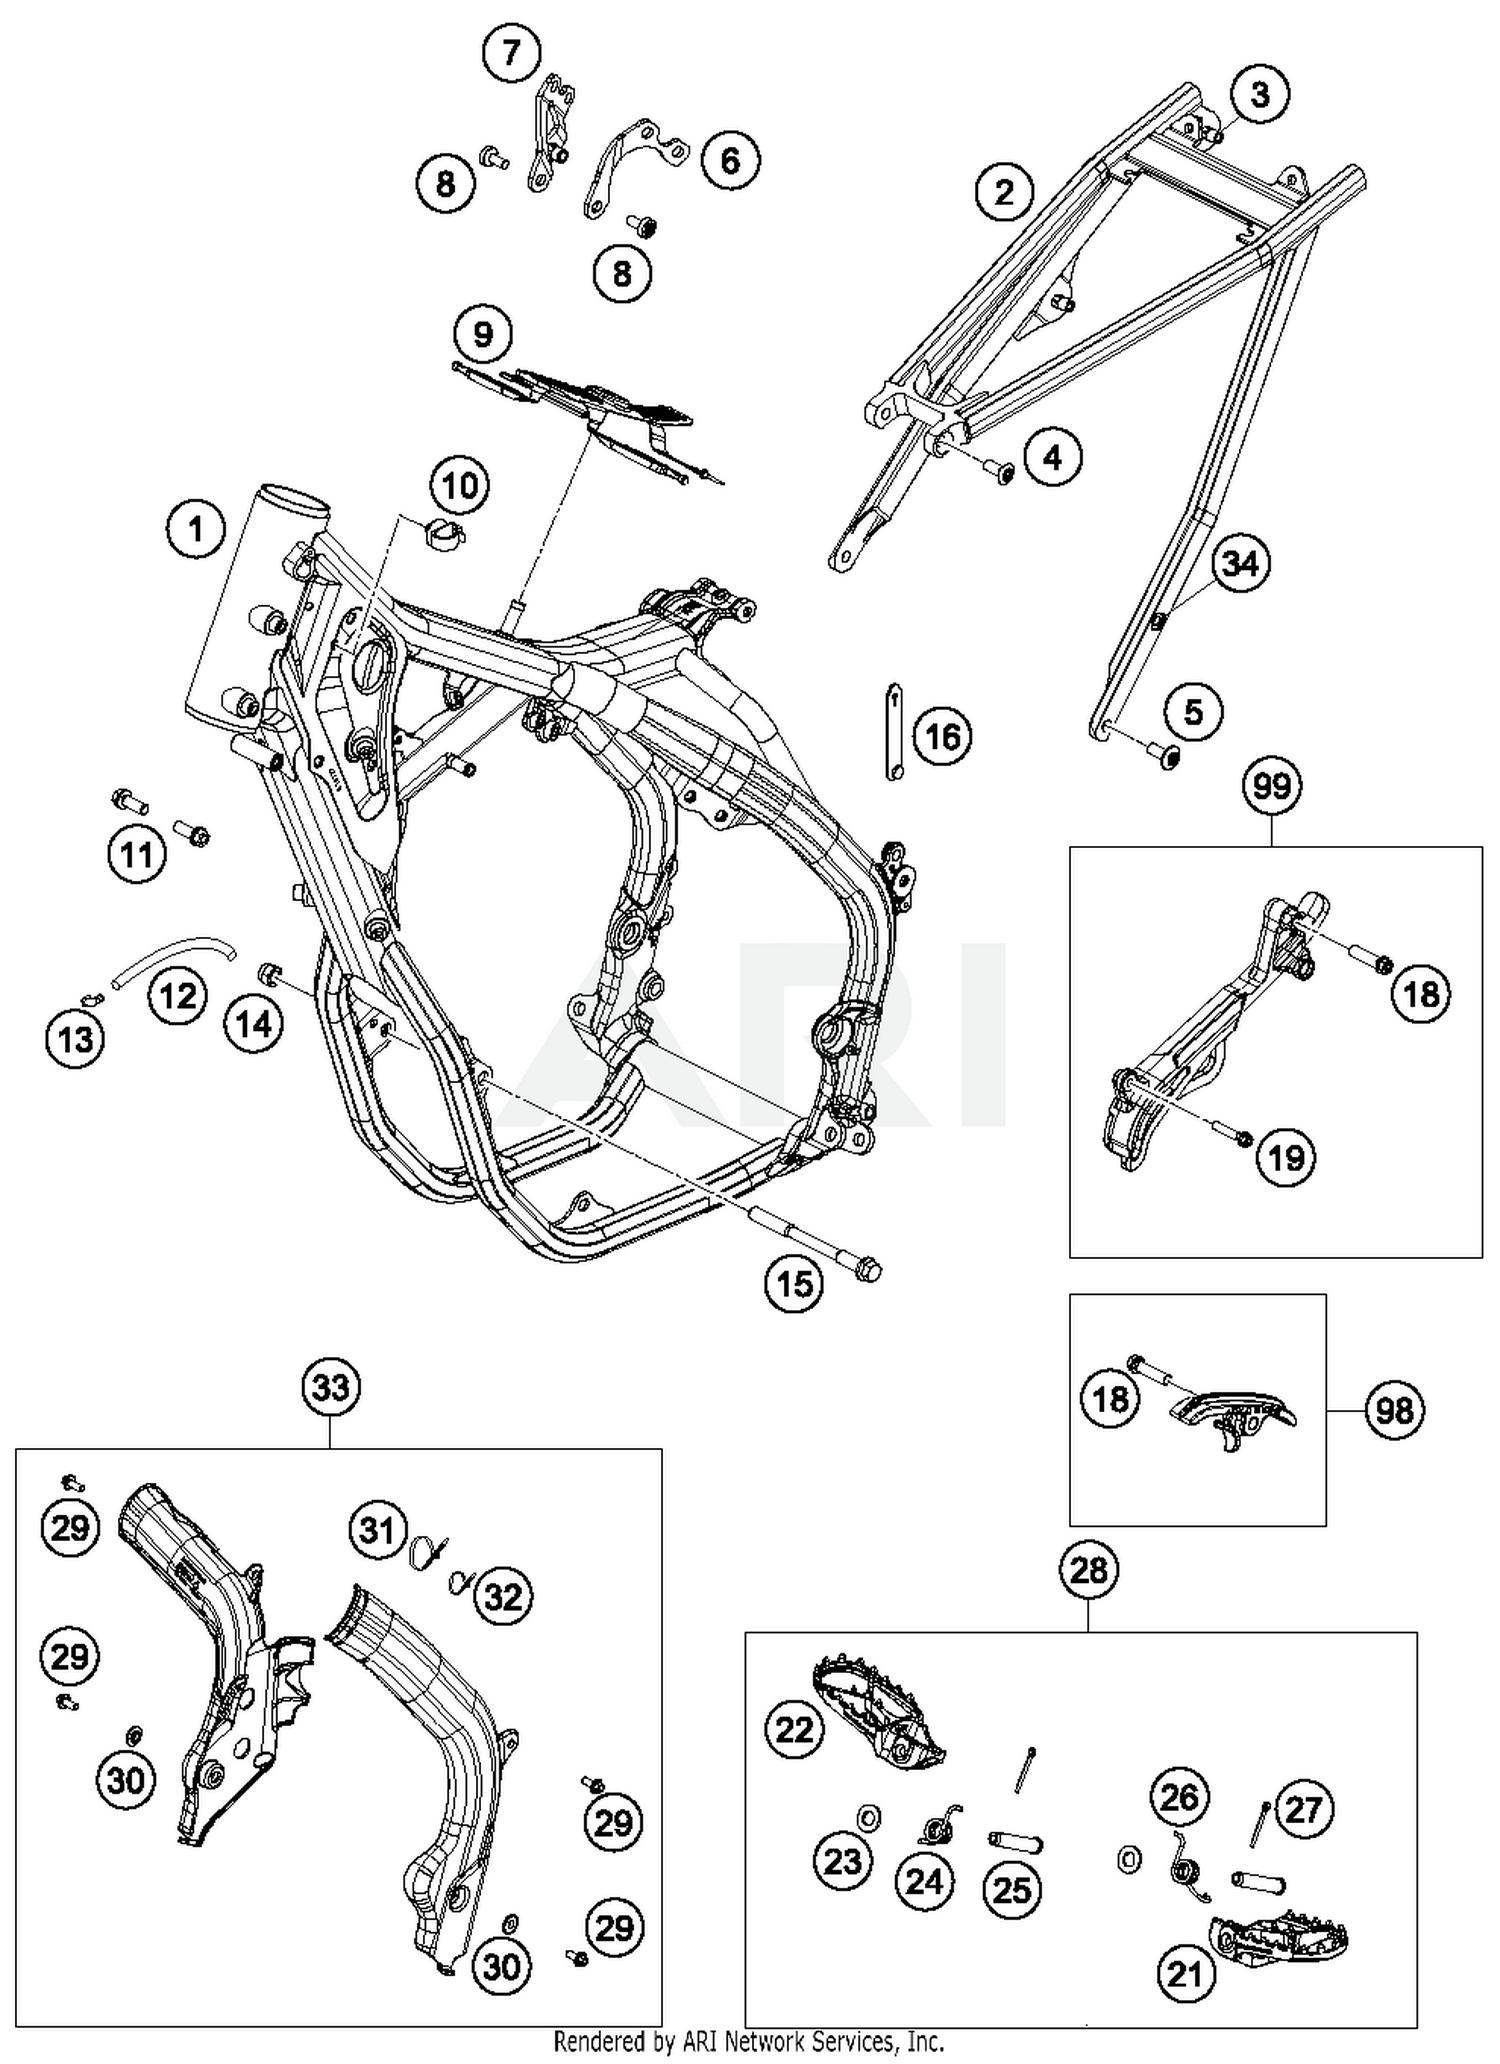 2017 Ktm 500 Exc F Frame Parts Best Oem Diagram Wiring Schematic Search Results 0 In Schematics